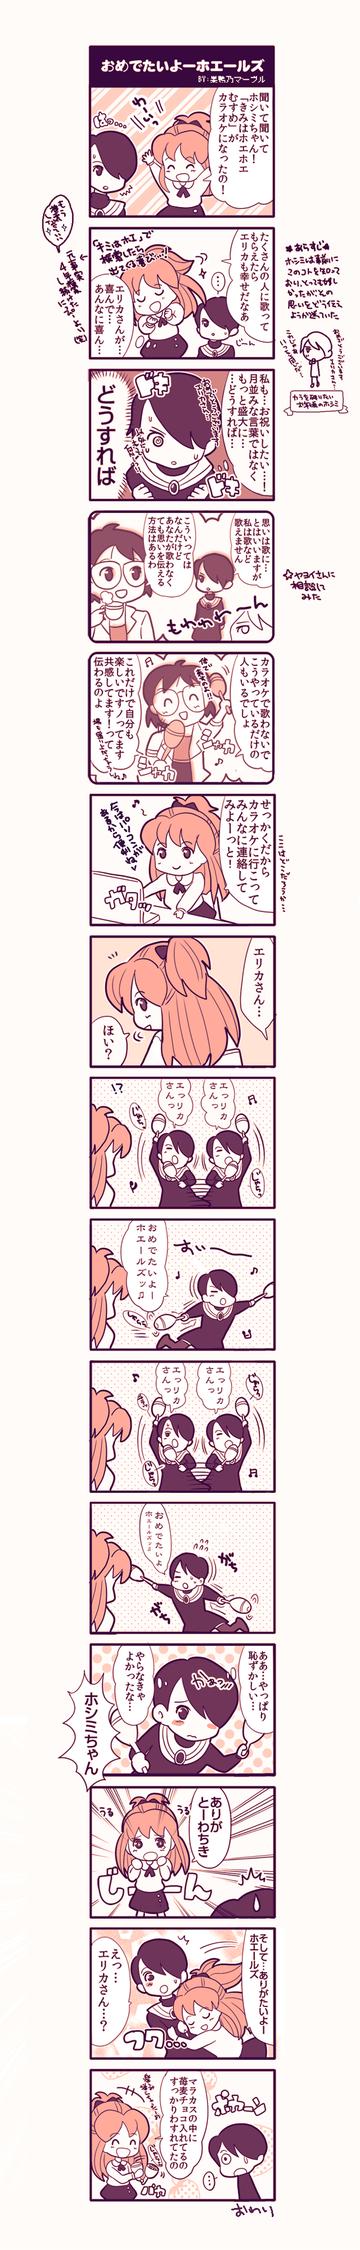 カラオケ6-のコピー